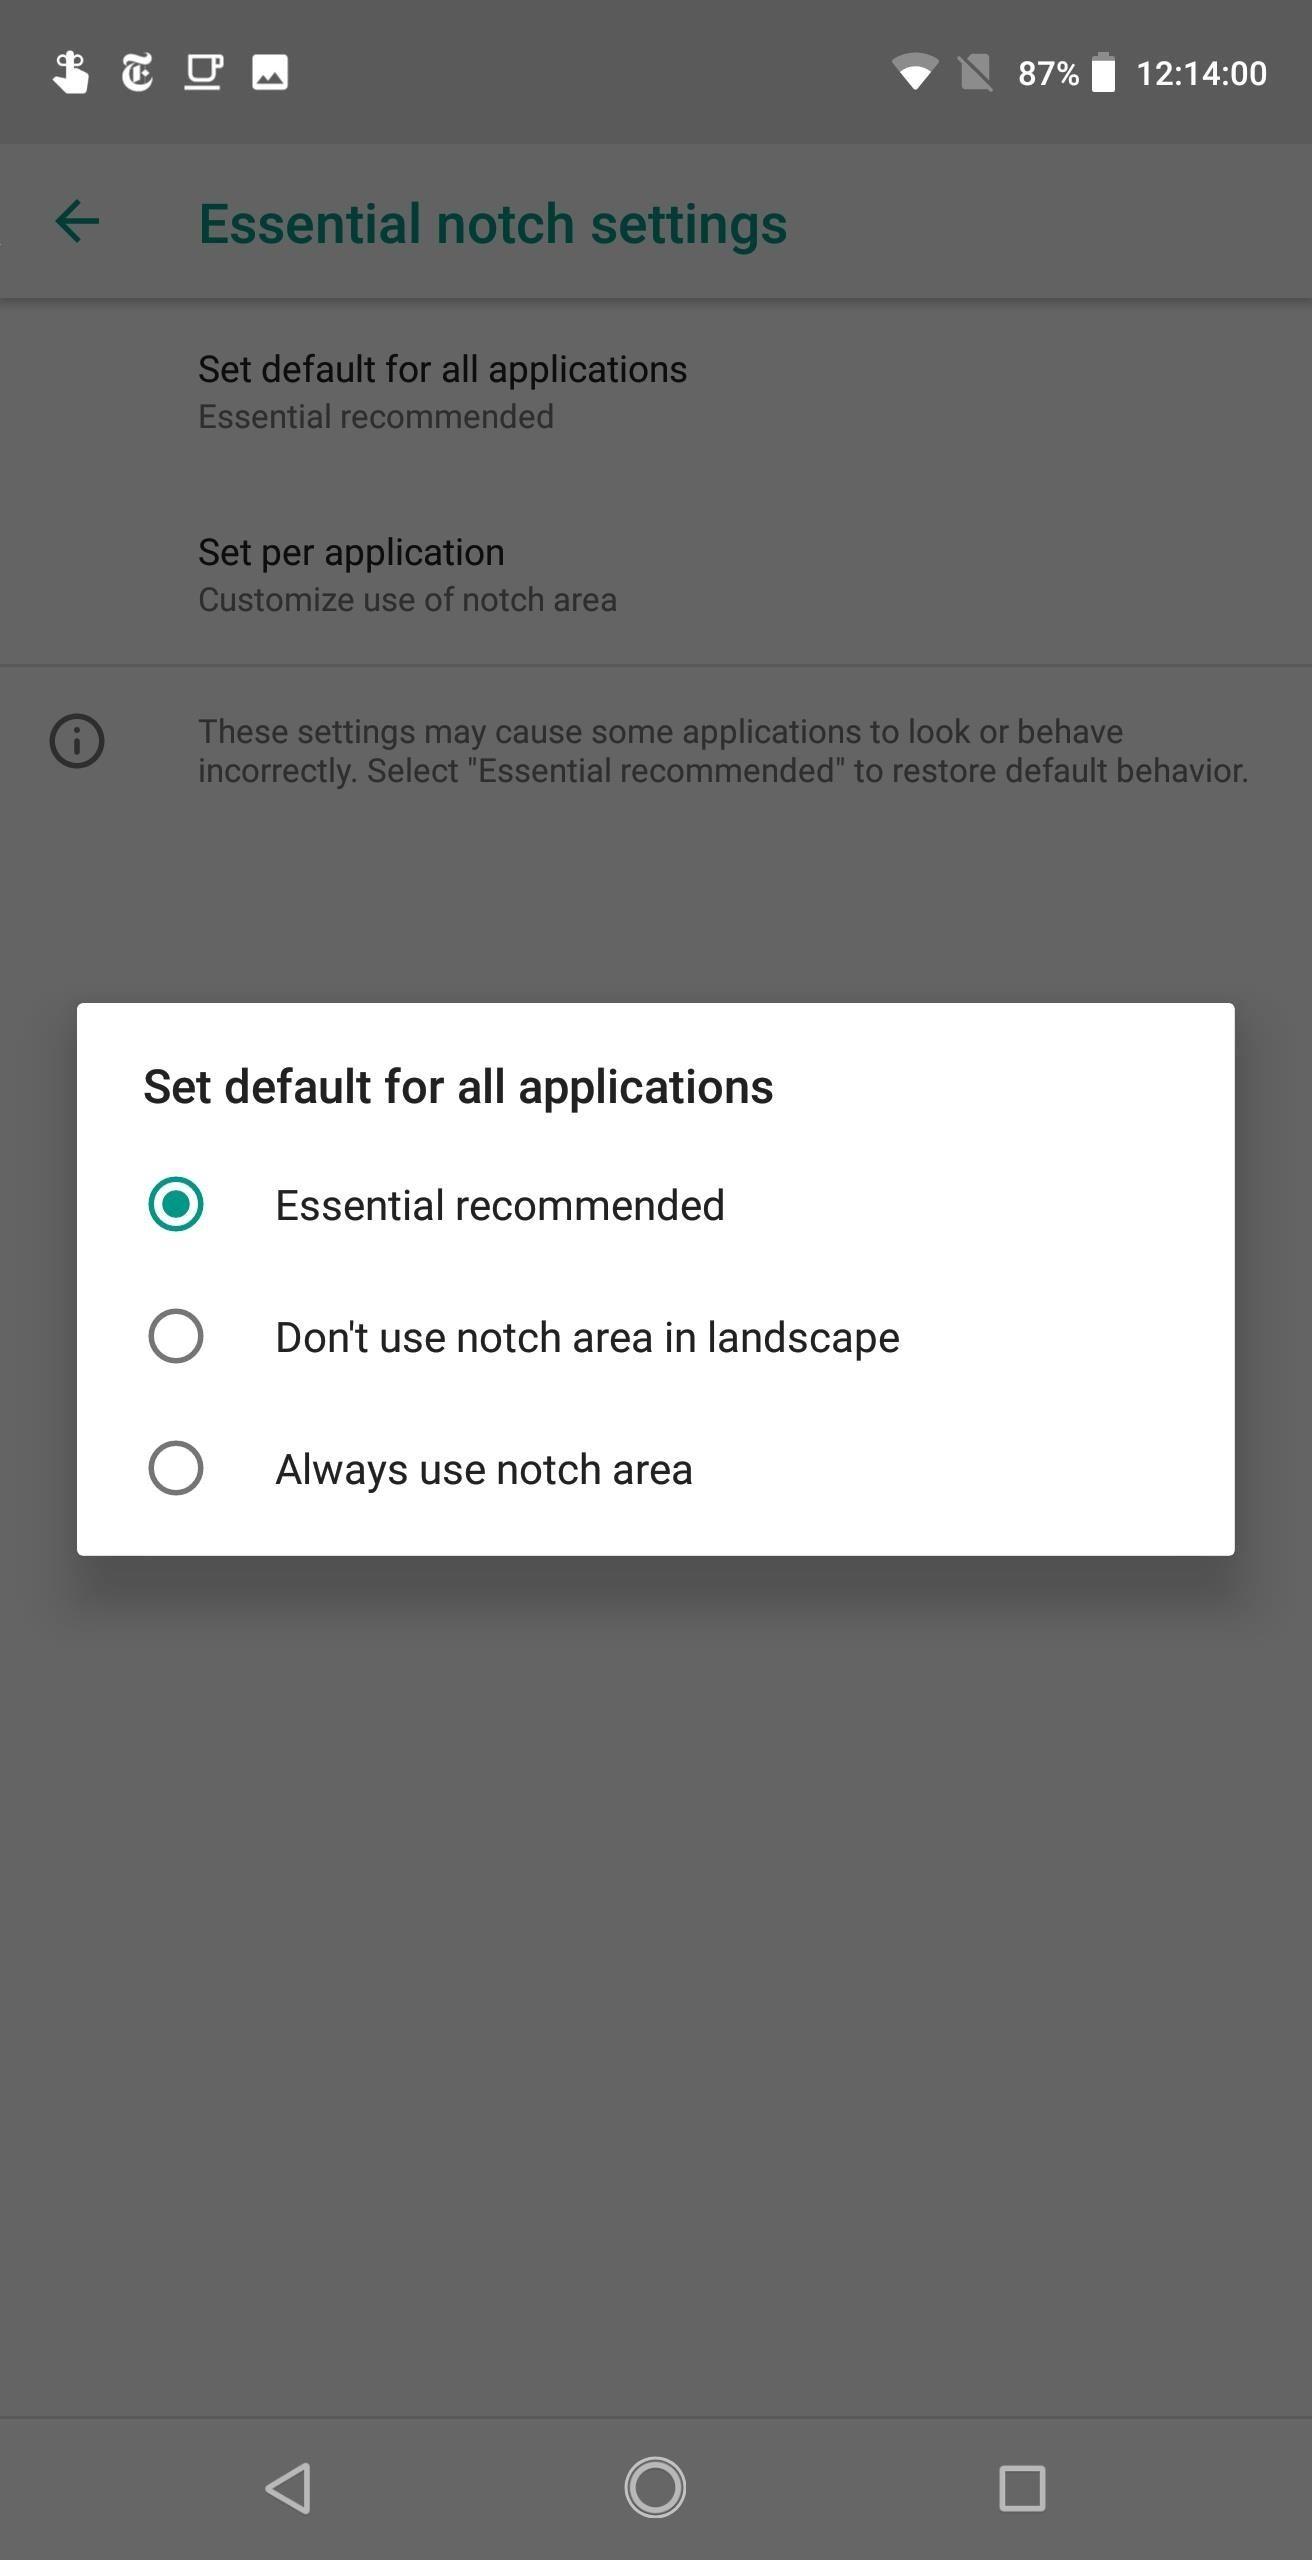 اجعل التطبيقات تستخدم الشاشة بالكامل على هاتفك الأساسي - حتى الشق